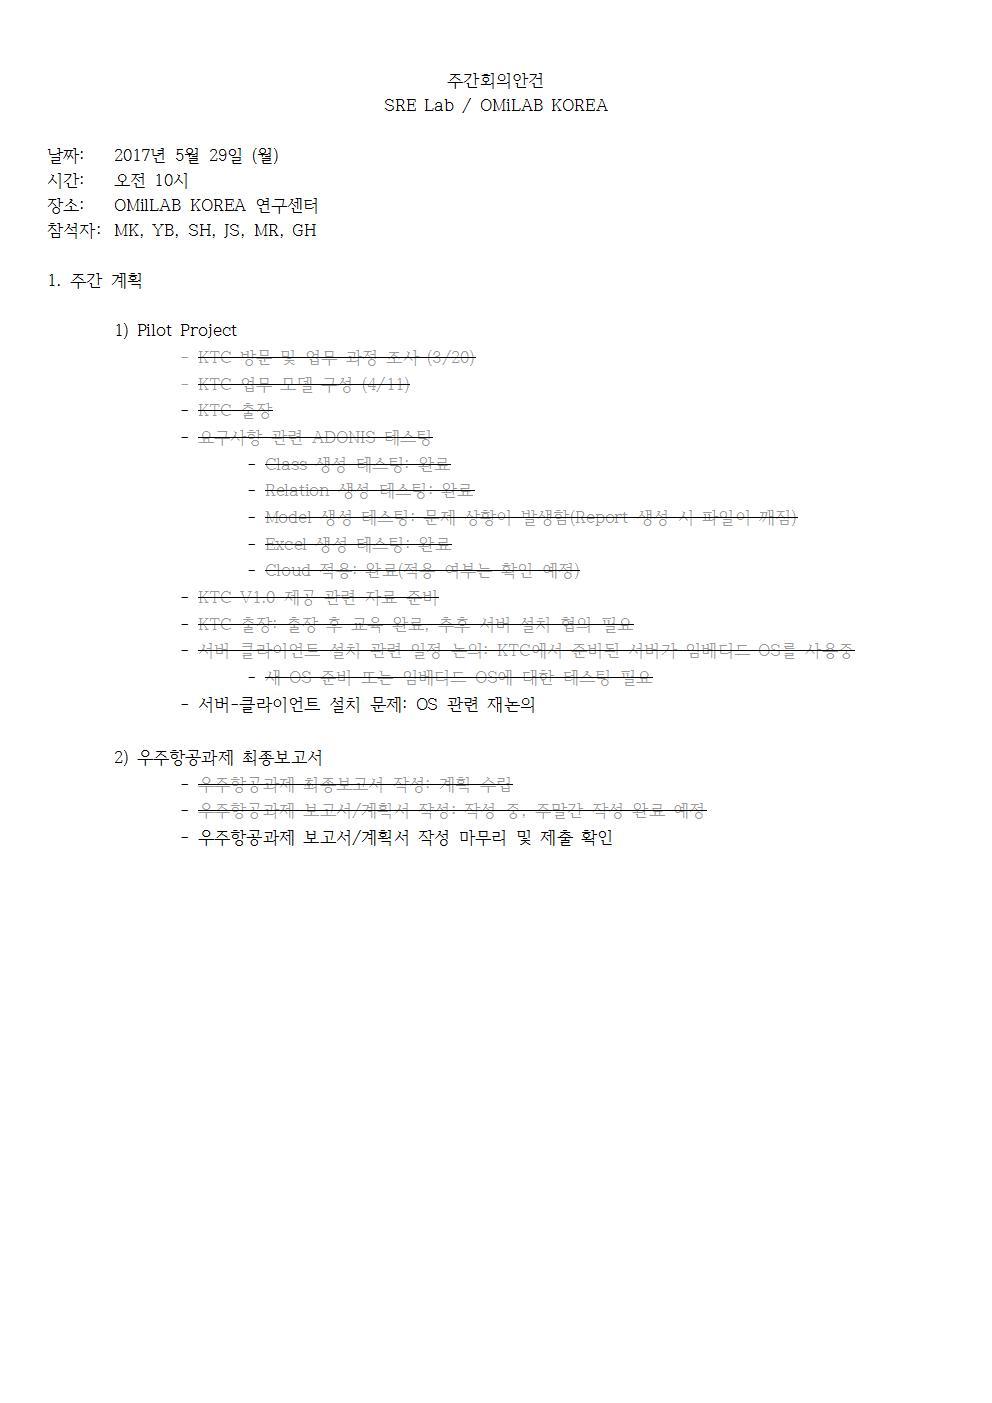 1-월-2017-05-29-PLAN(YB)001.jpg